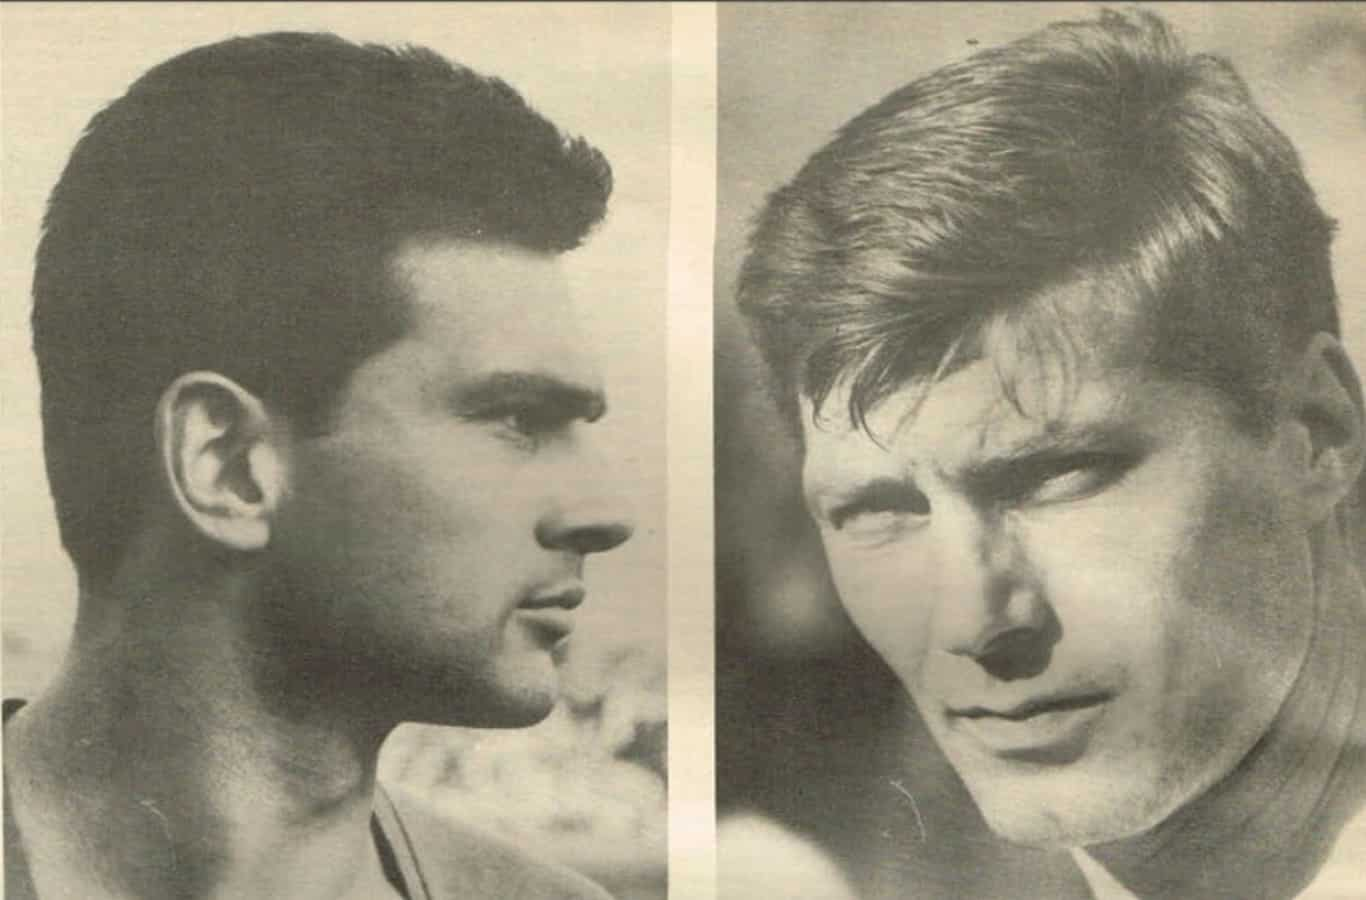 30 юни: Георги Аспарухов и Никола Котков